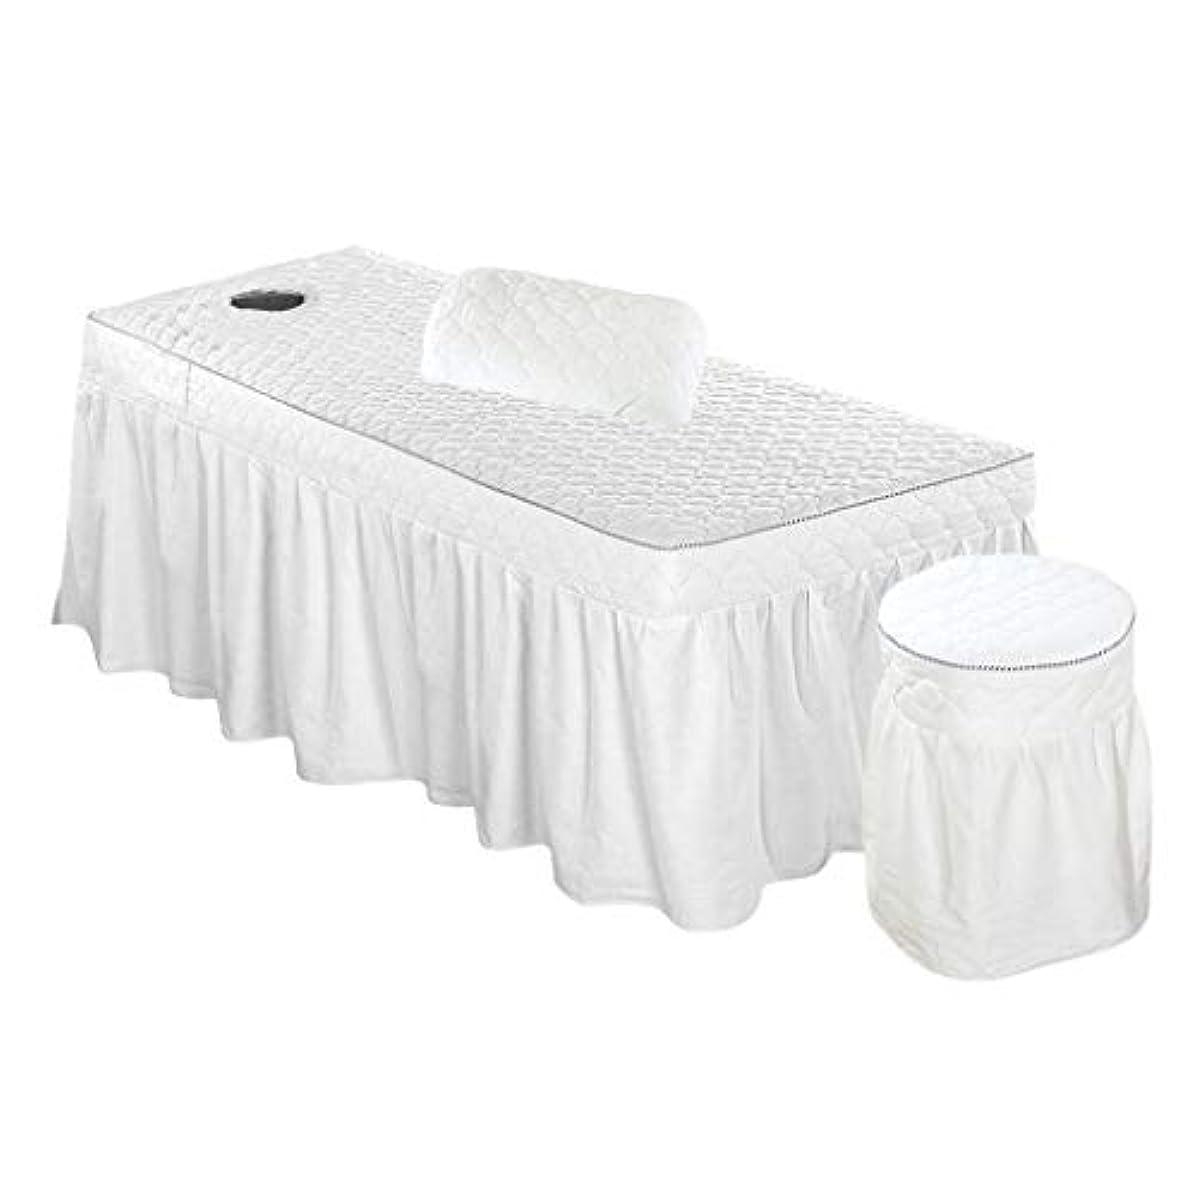 リブ脅かす振り向くスパ マッサージベッドカバー+スツールカバー+枕カバー 有孔 綿製 3枚セット - ホワイト